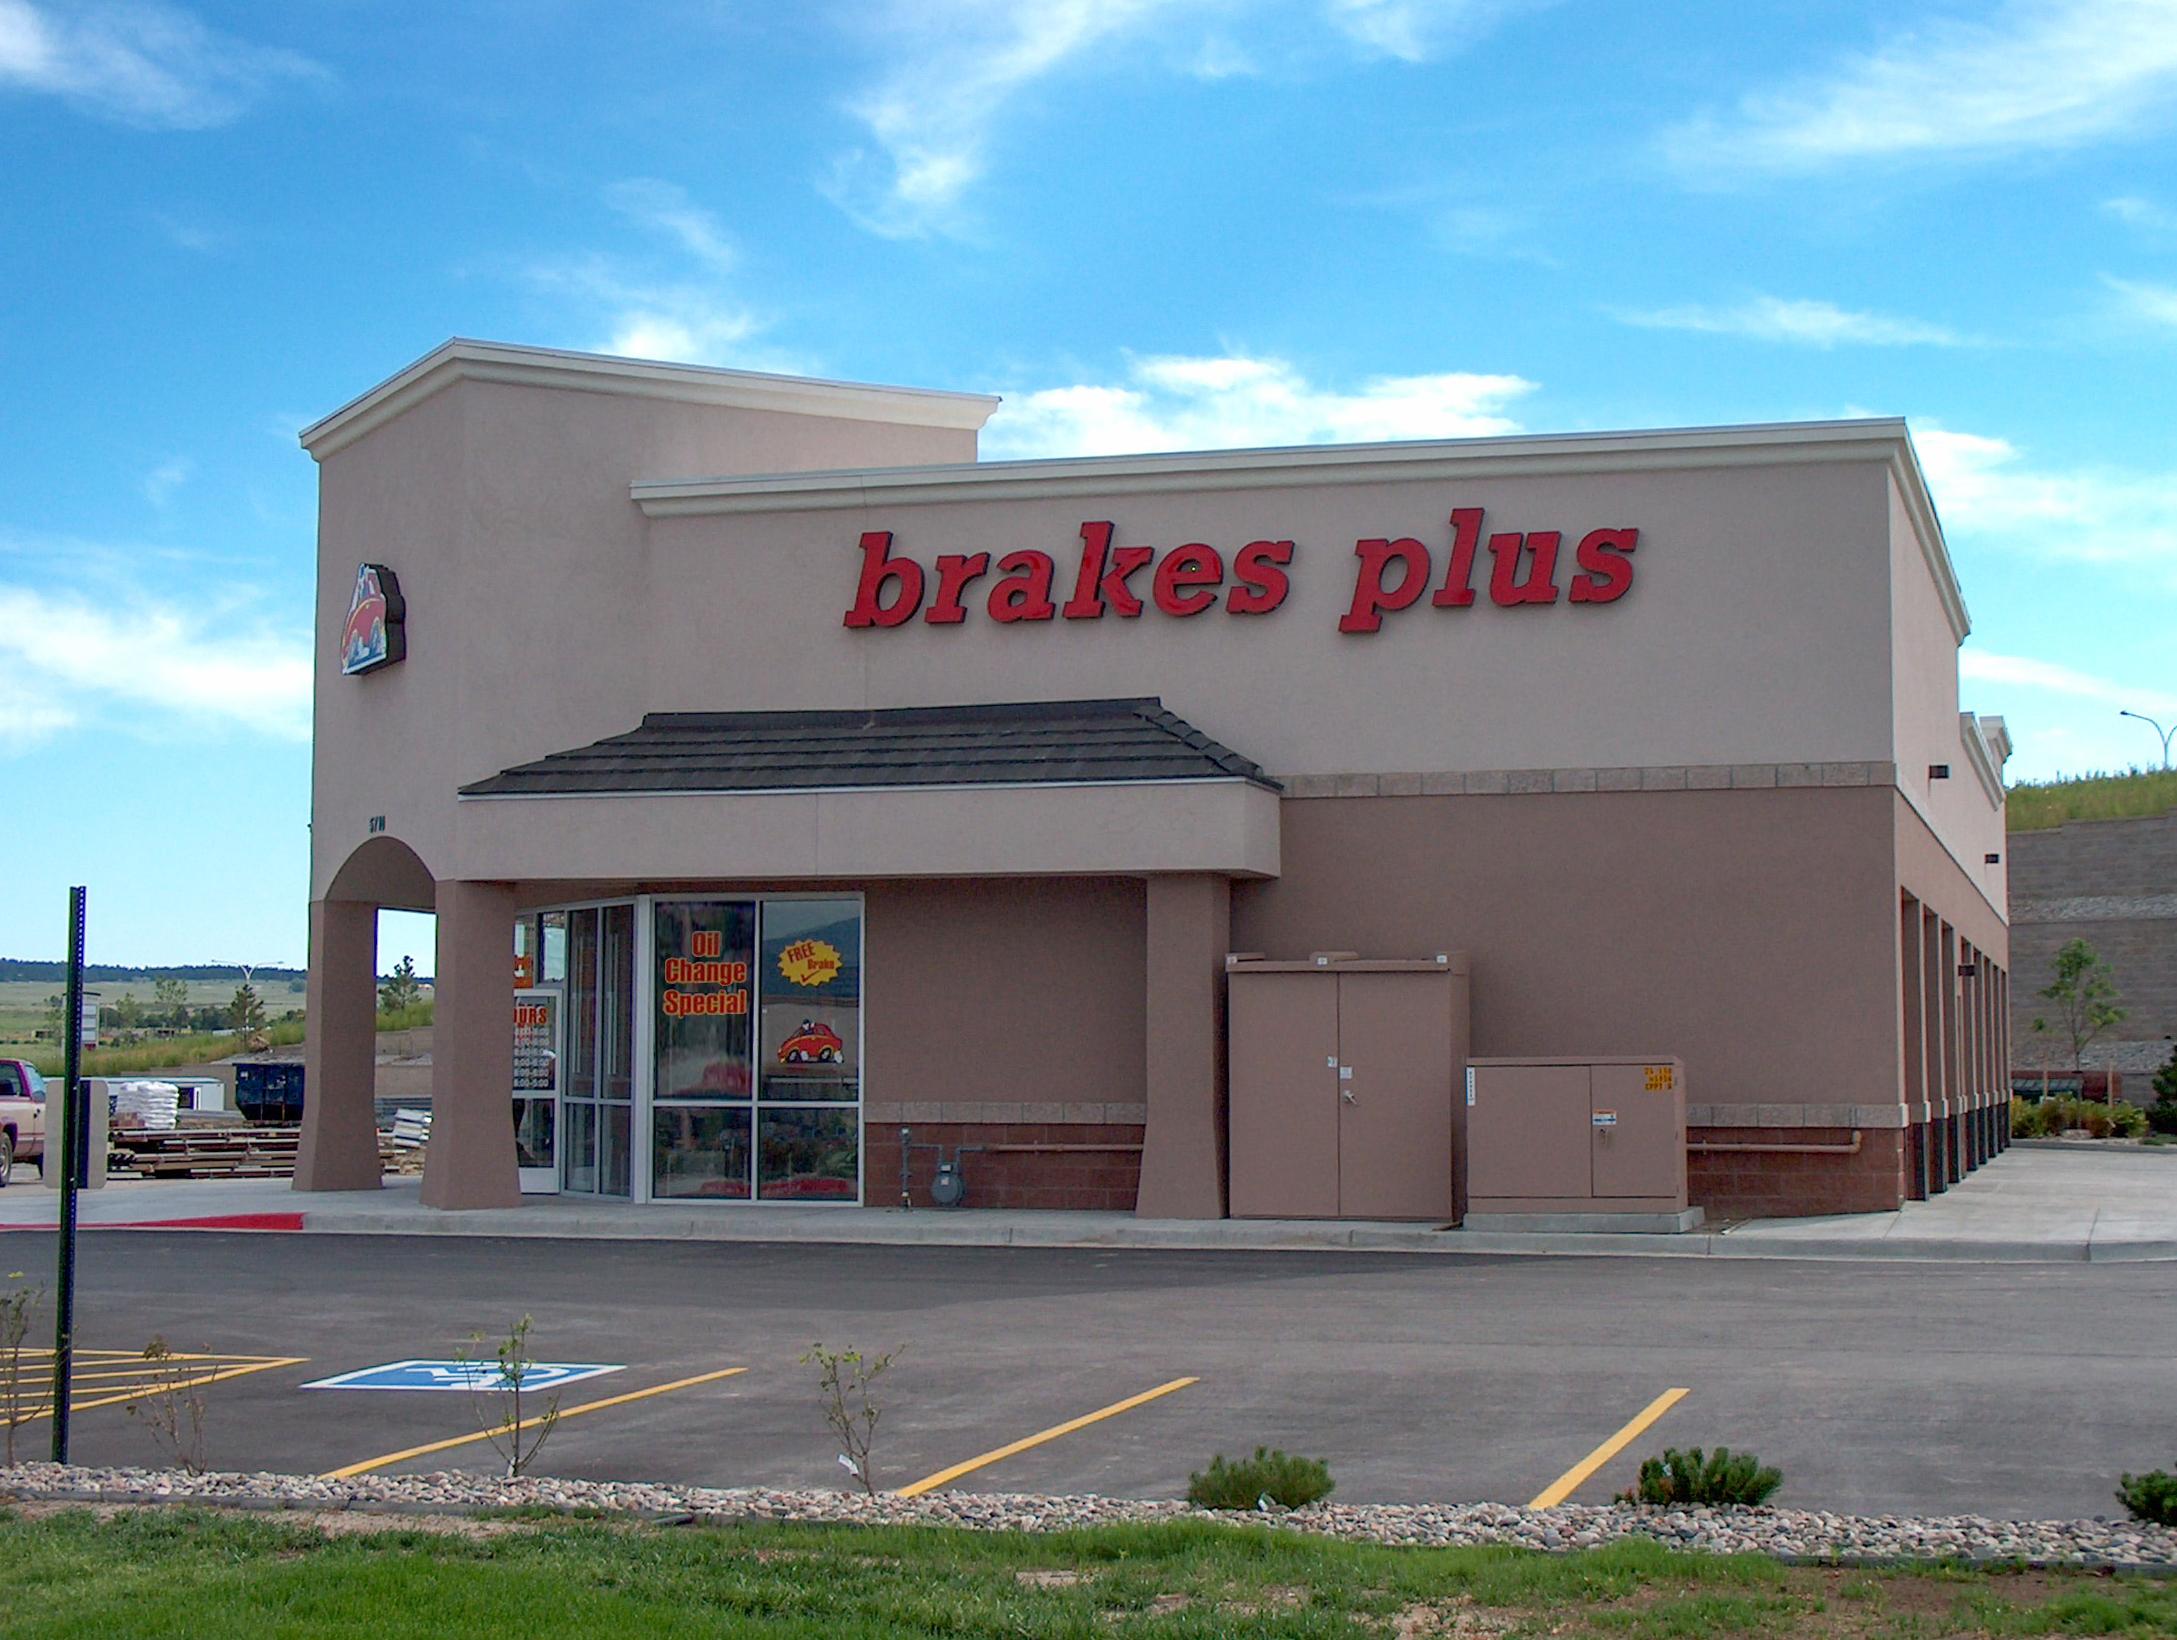 Brakes Plus at Colorado Springs, CO - Powers Peak Center